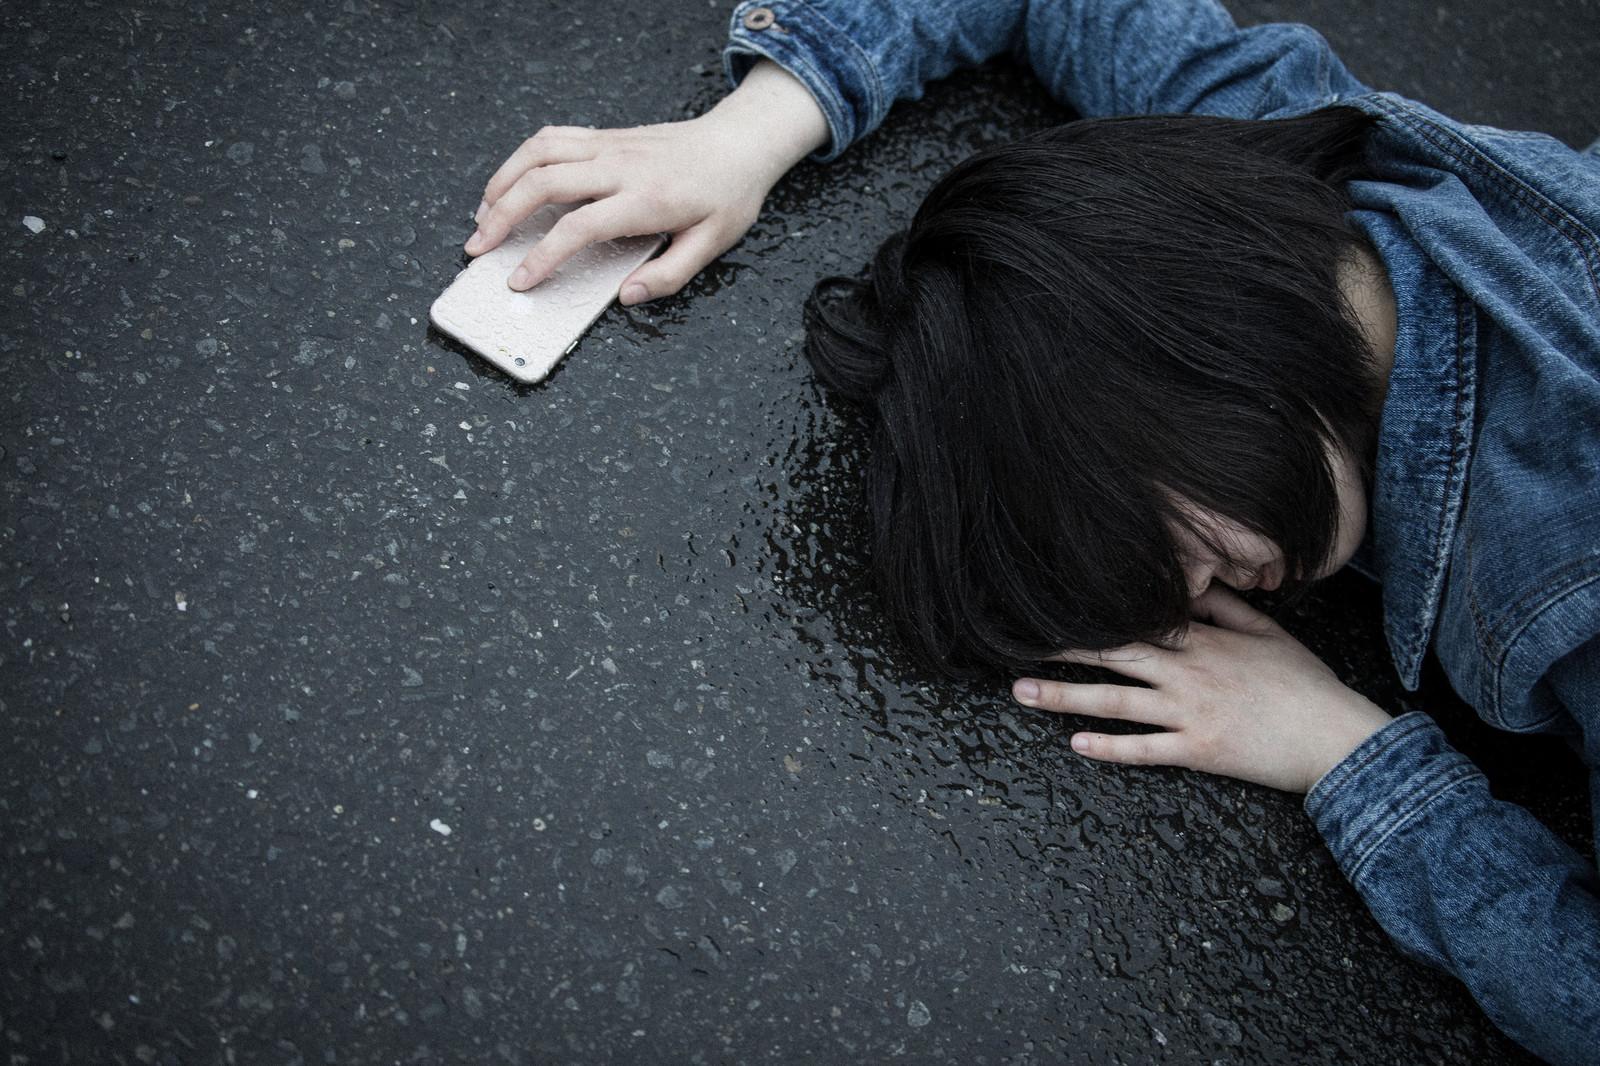 日本 未成年 自殺死亡率 最悪